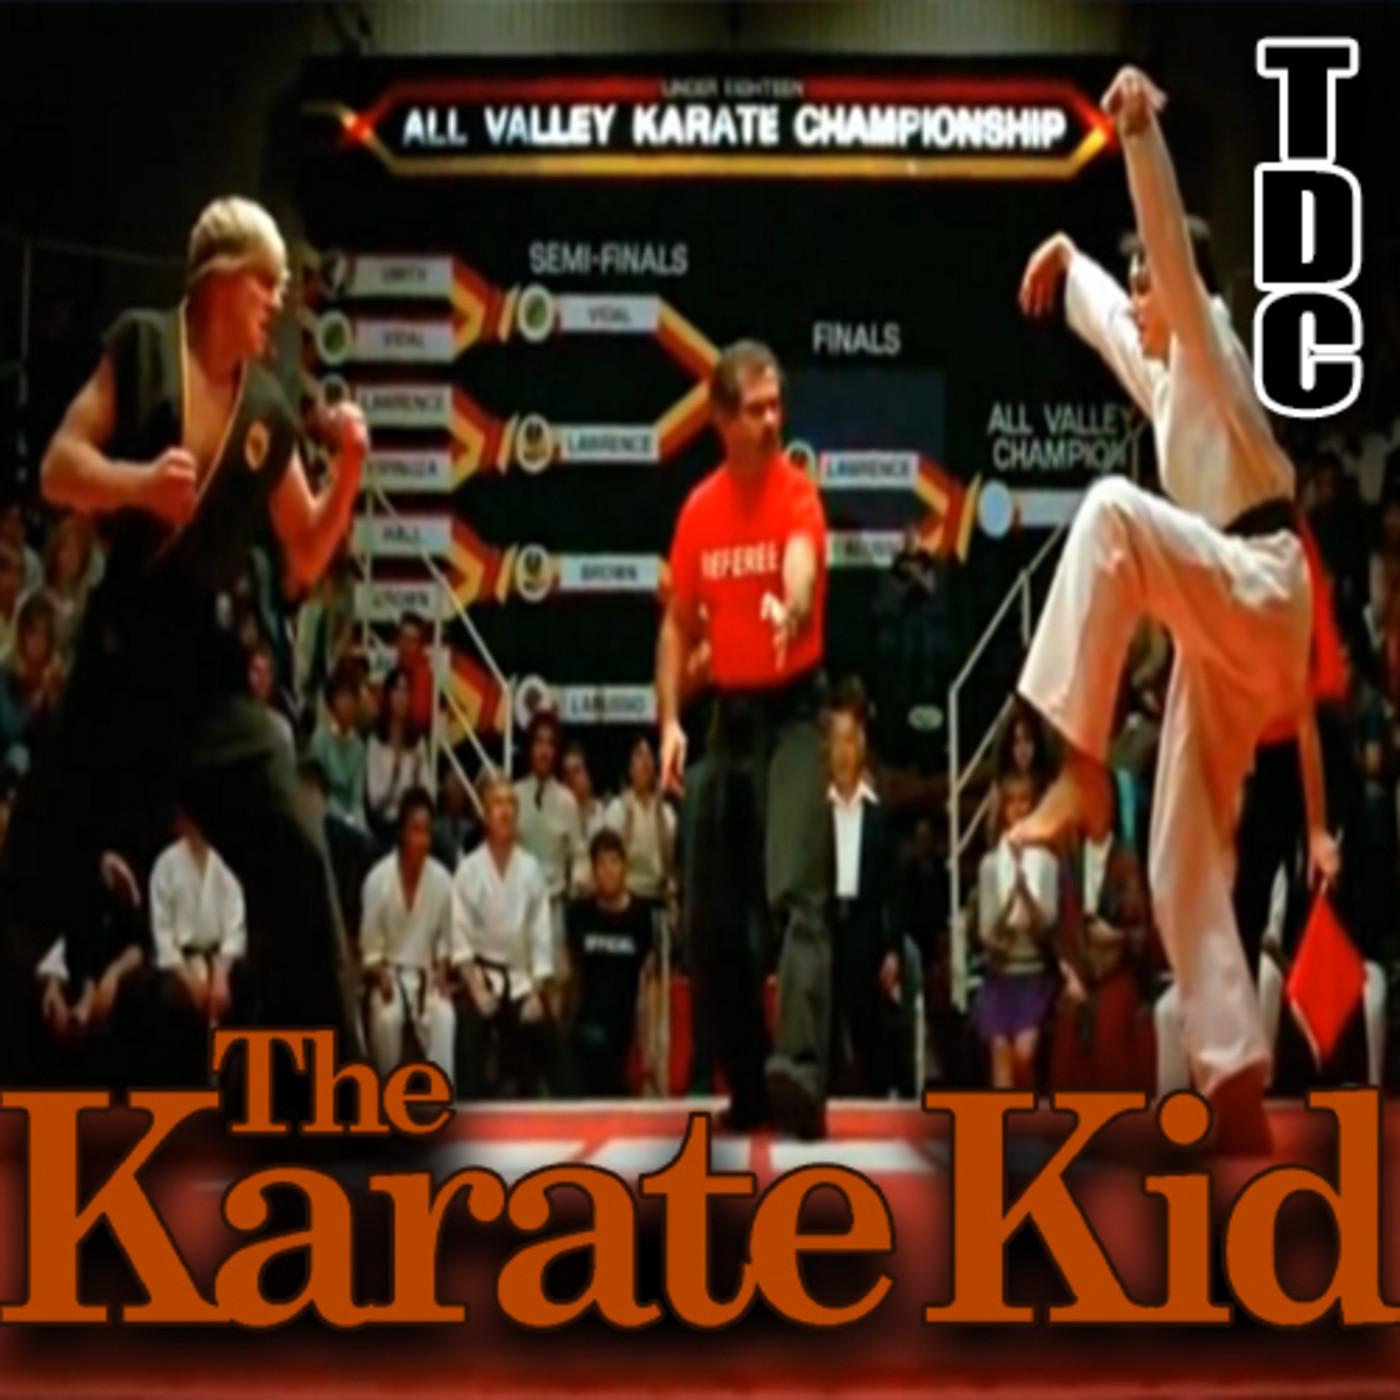 TDC Cine - Karate Kid (charla tras la proyección de la película el 2-10-2020))